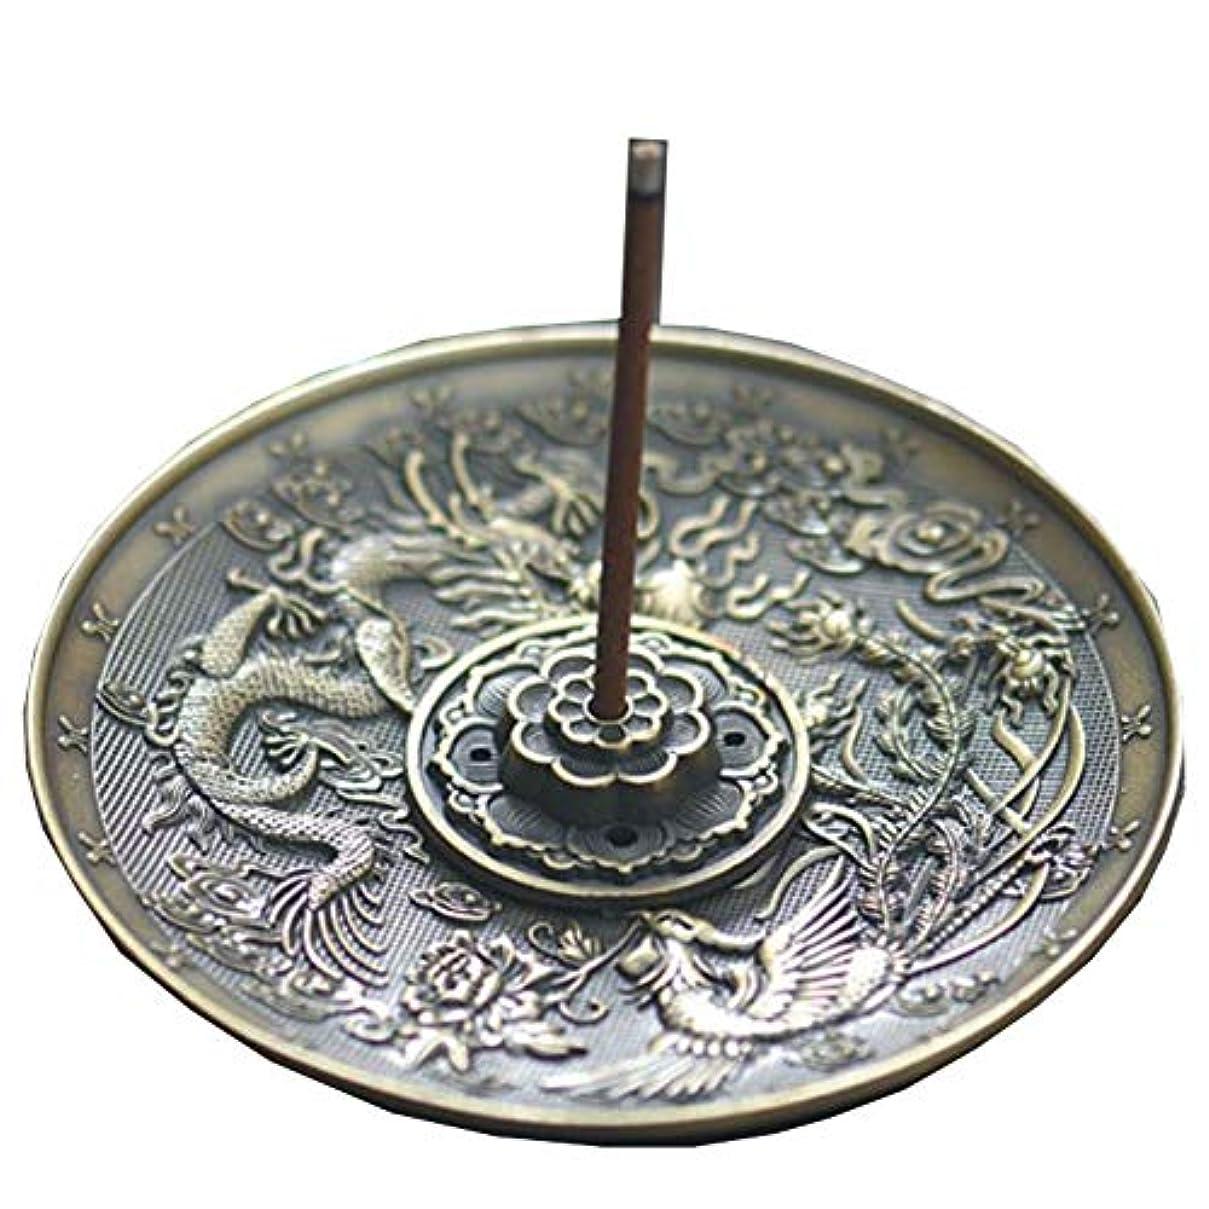 あそこ共産主義ホイッスル[RADISSY] お香立て 香炉 香皿 スティック 円錐 タイプ お香 スタンド 龍のデザイン (青銅色5穴)